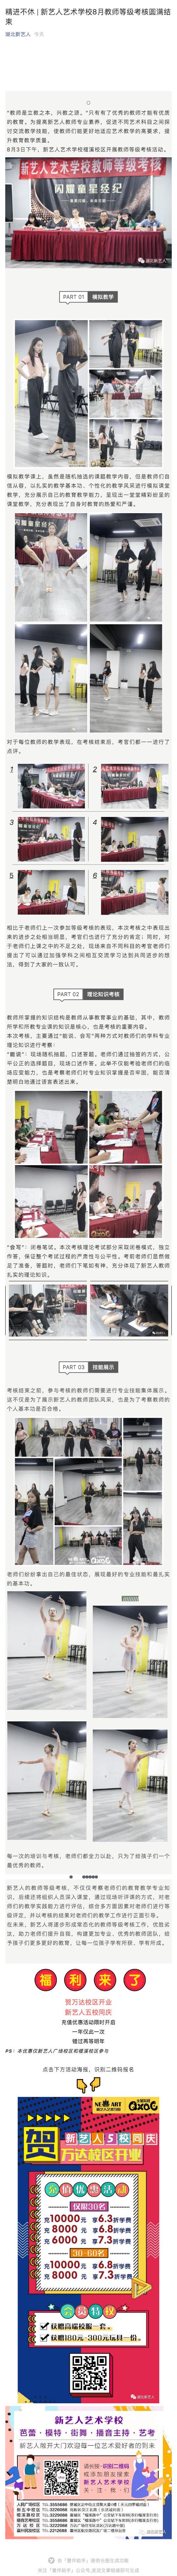 精进不休 _ 新艺人艺术学校8月教师等级考核圆满结束_壹伴长图1.jpg